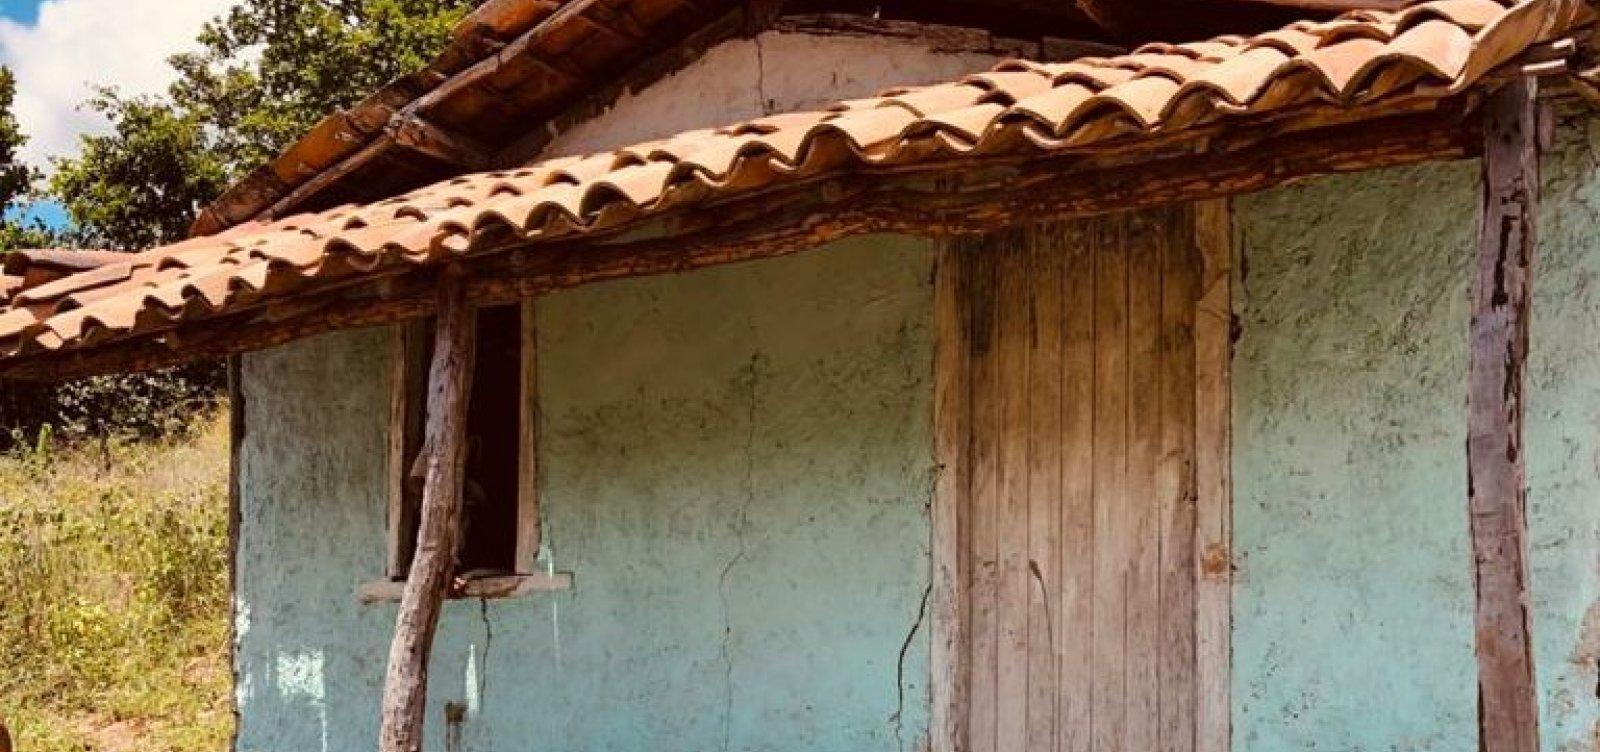 Polícia Civil resgata idosa mantida em cárcere privado em Ipirá, na Bahia